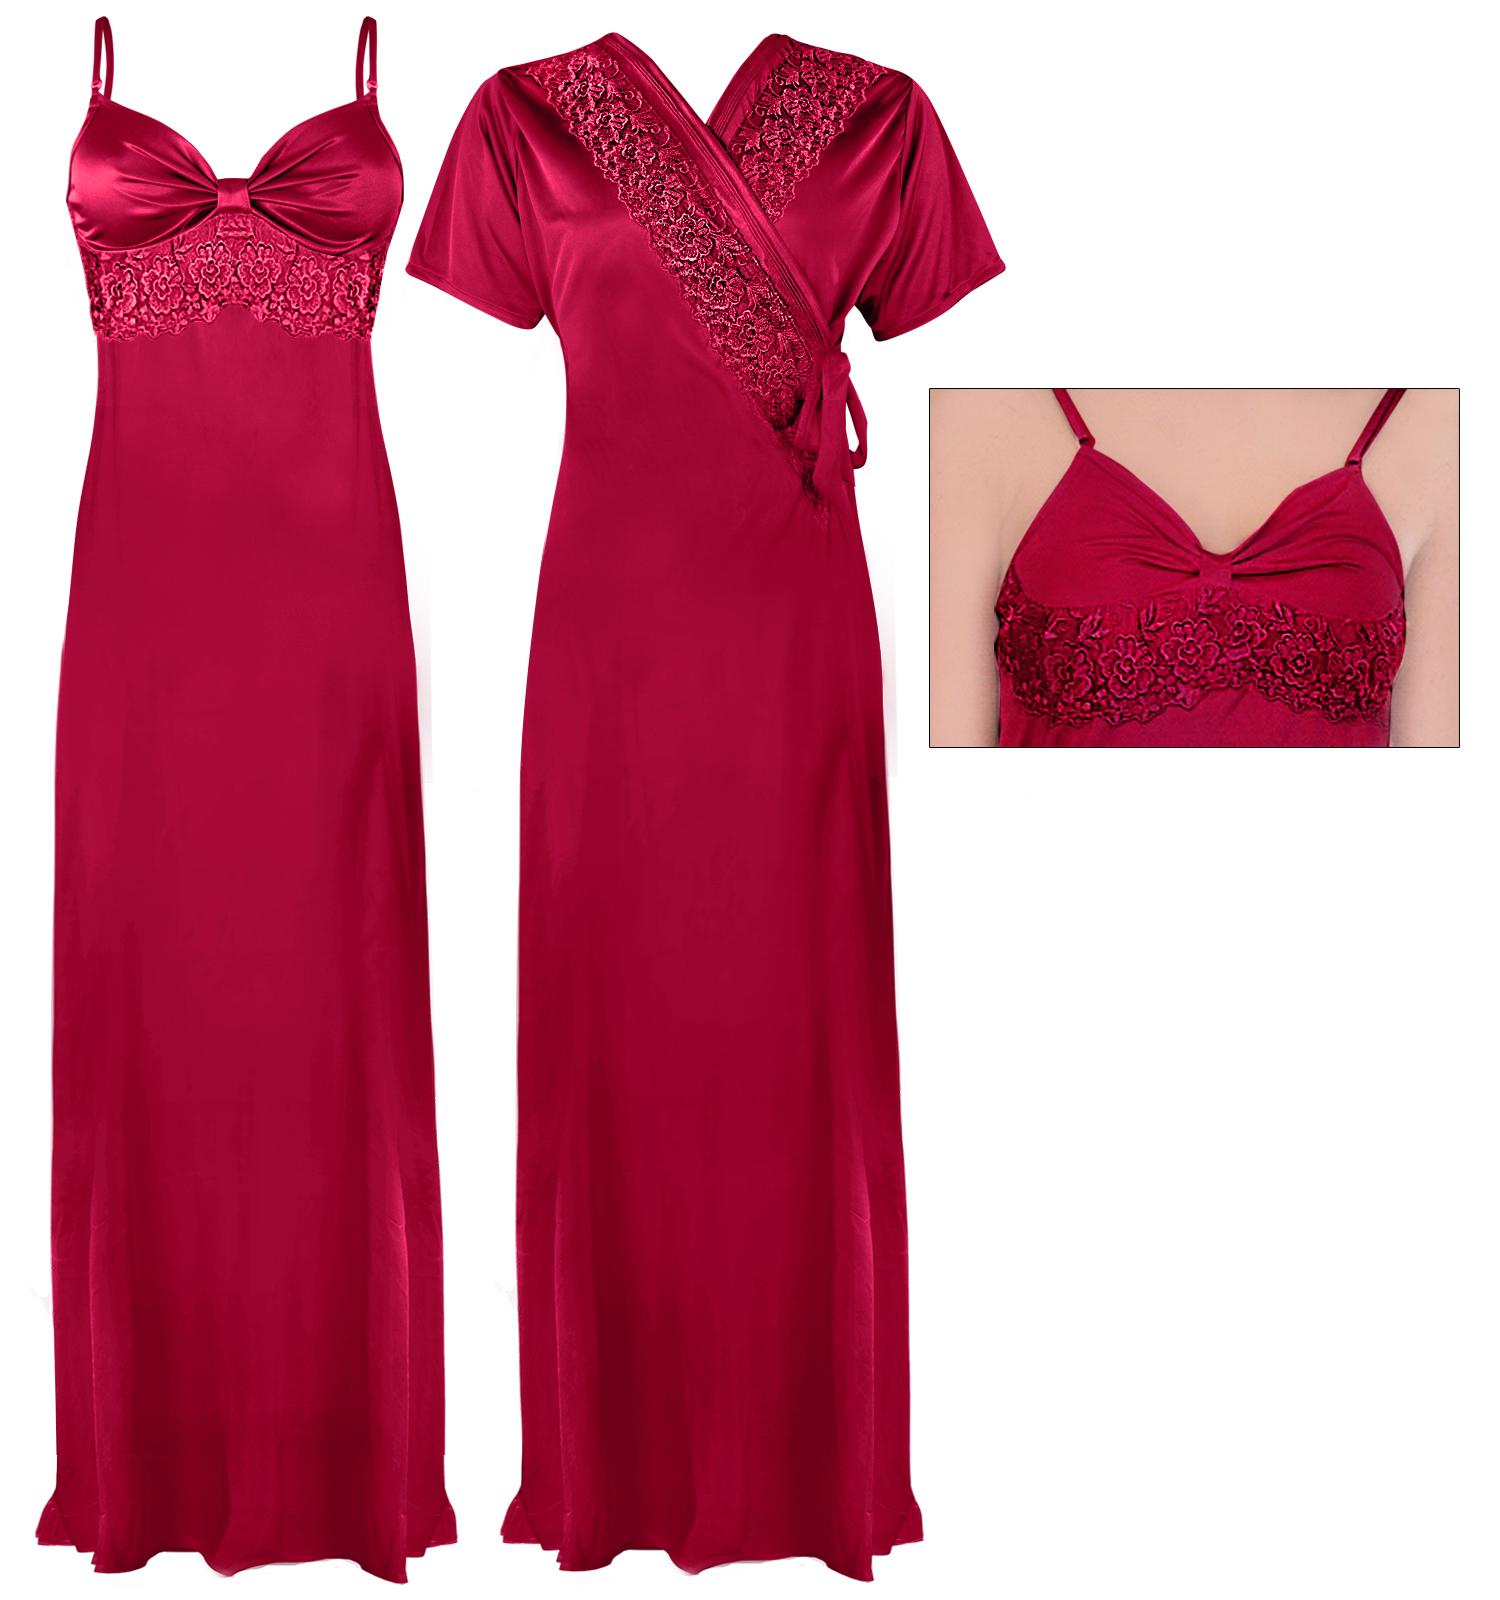 صور ملابس نوم للعرايس , كوني احلى عروس في غرفتك مع هذا اللبس